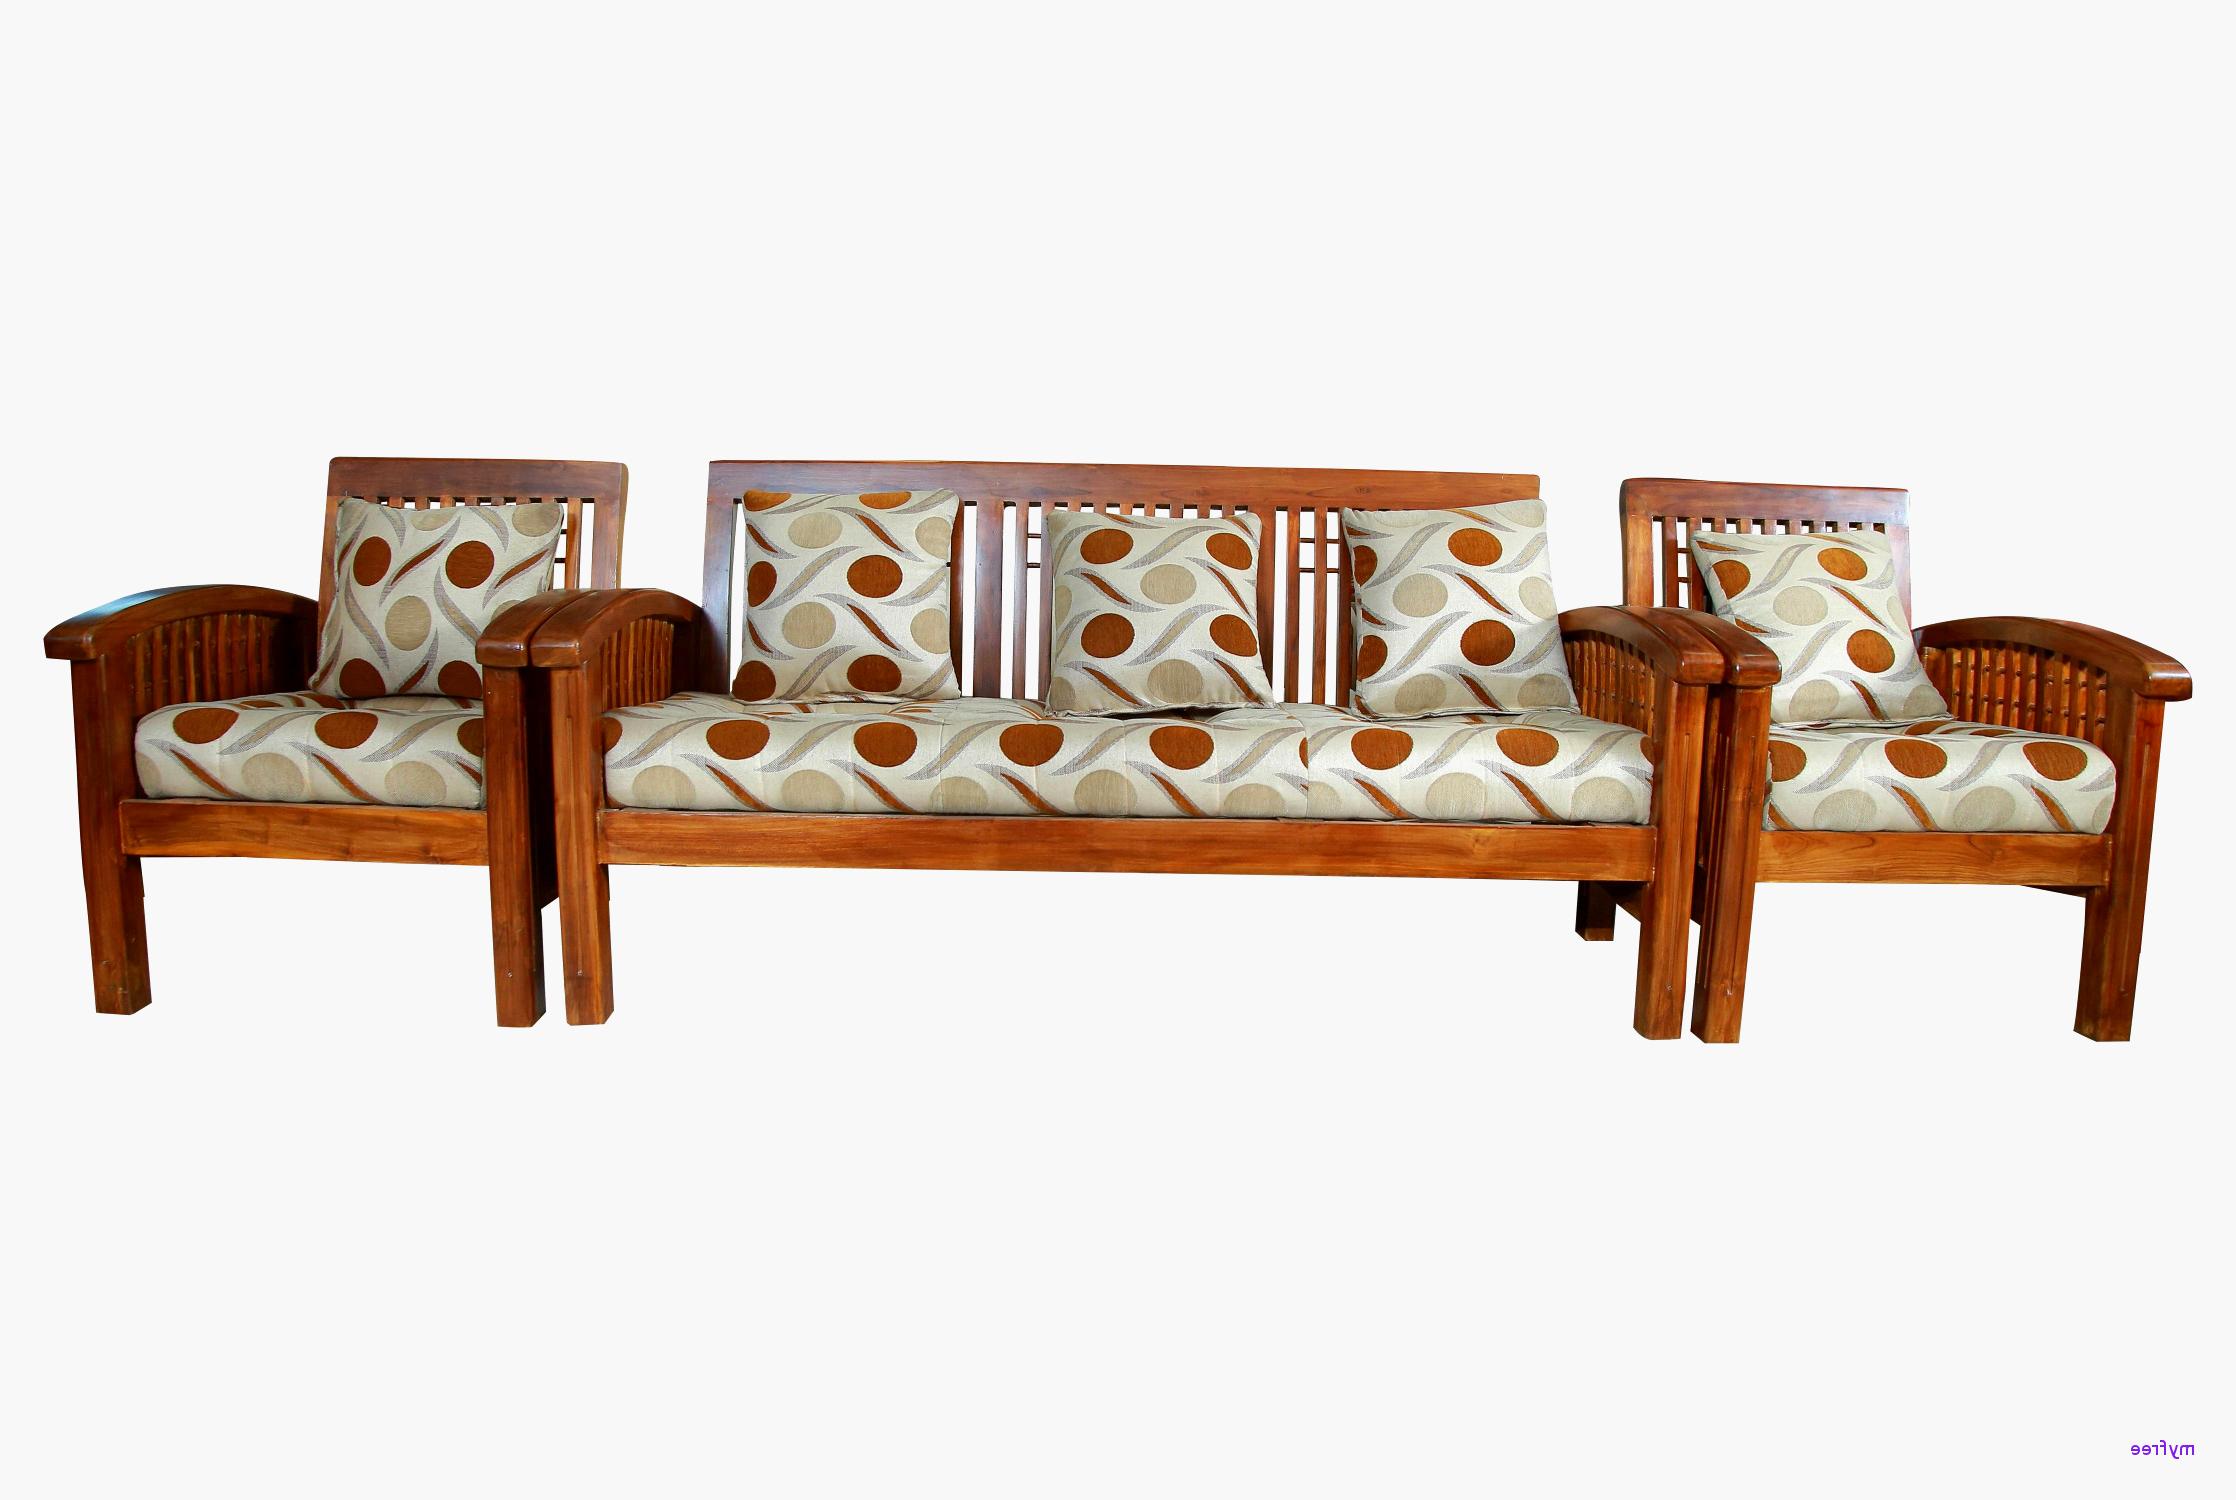 Cubre sofas Carrefour Txdf Cubre sofas Hipercor Fundas De sofa Carrefour Nuevo sofa Cama Ikea